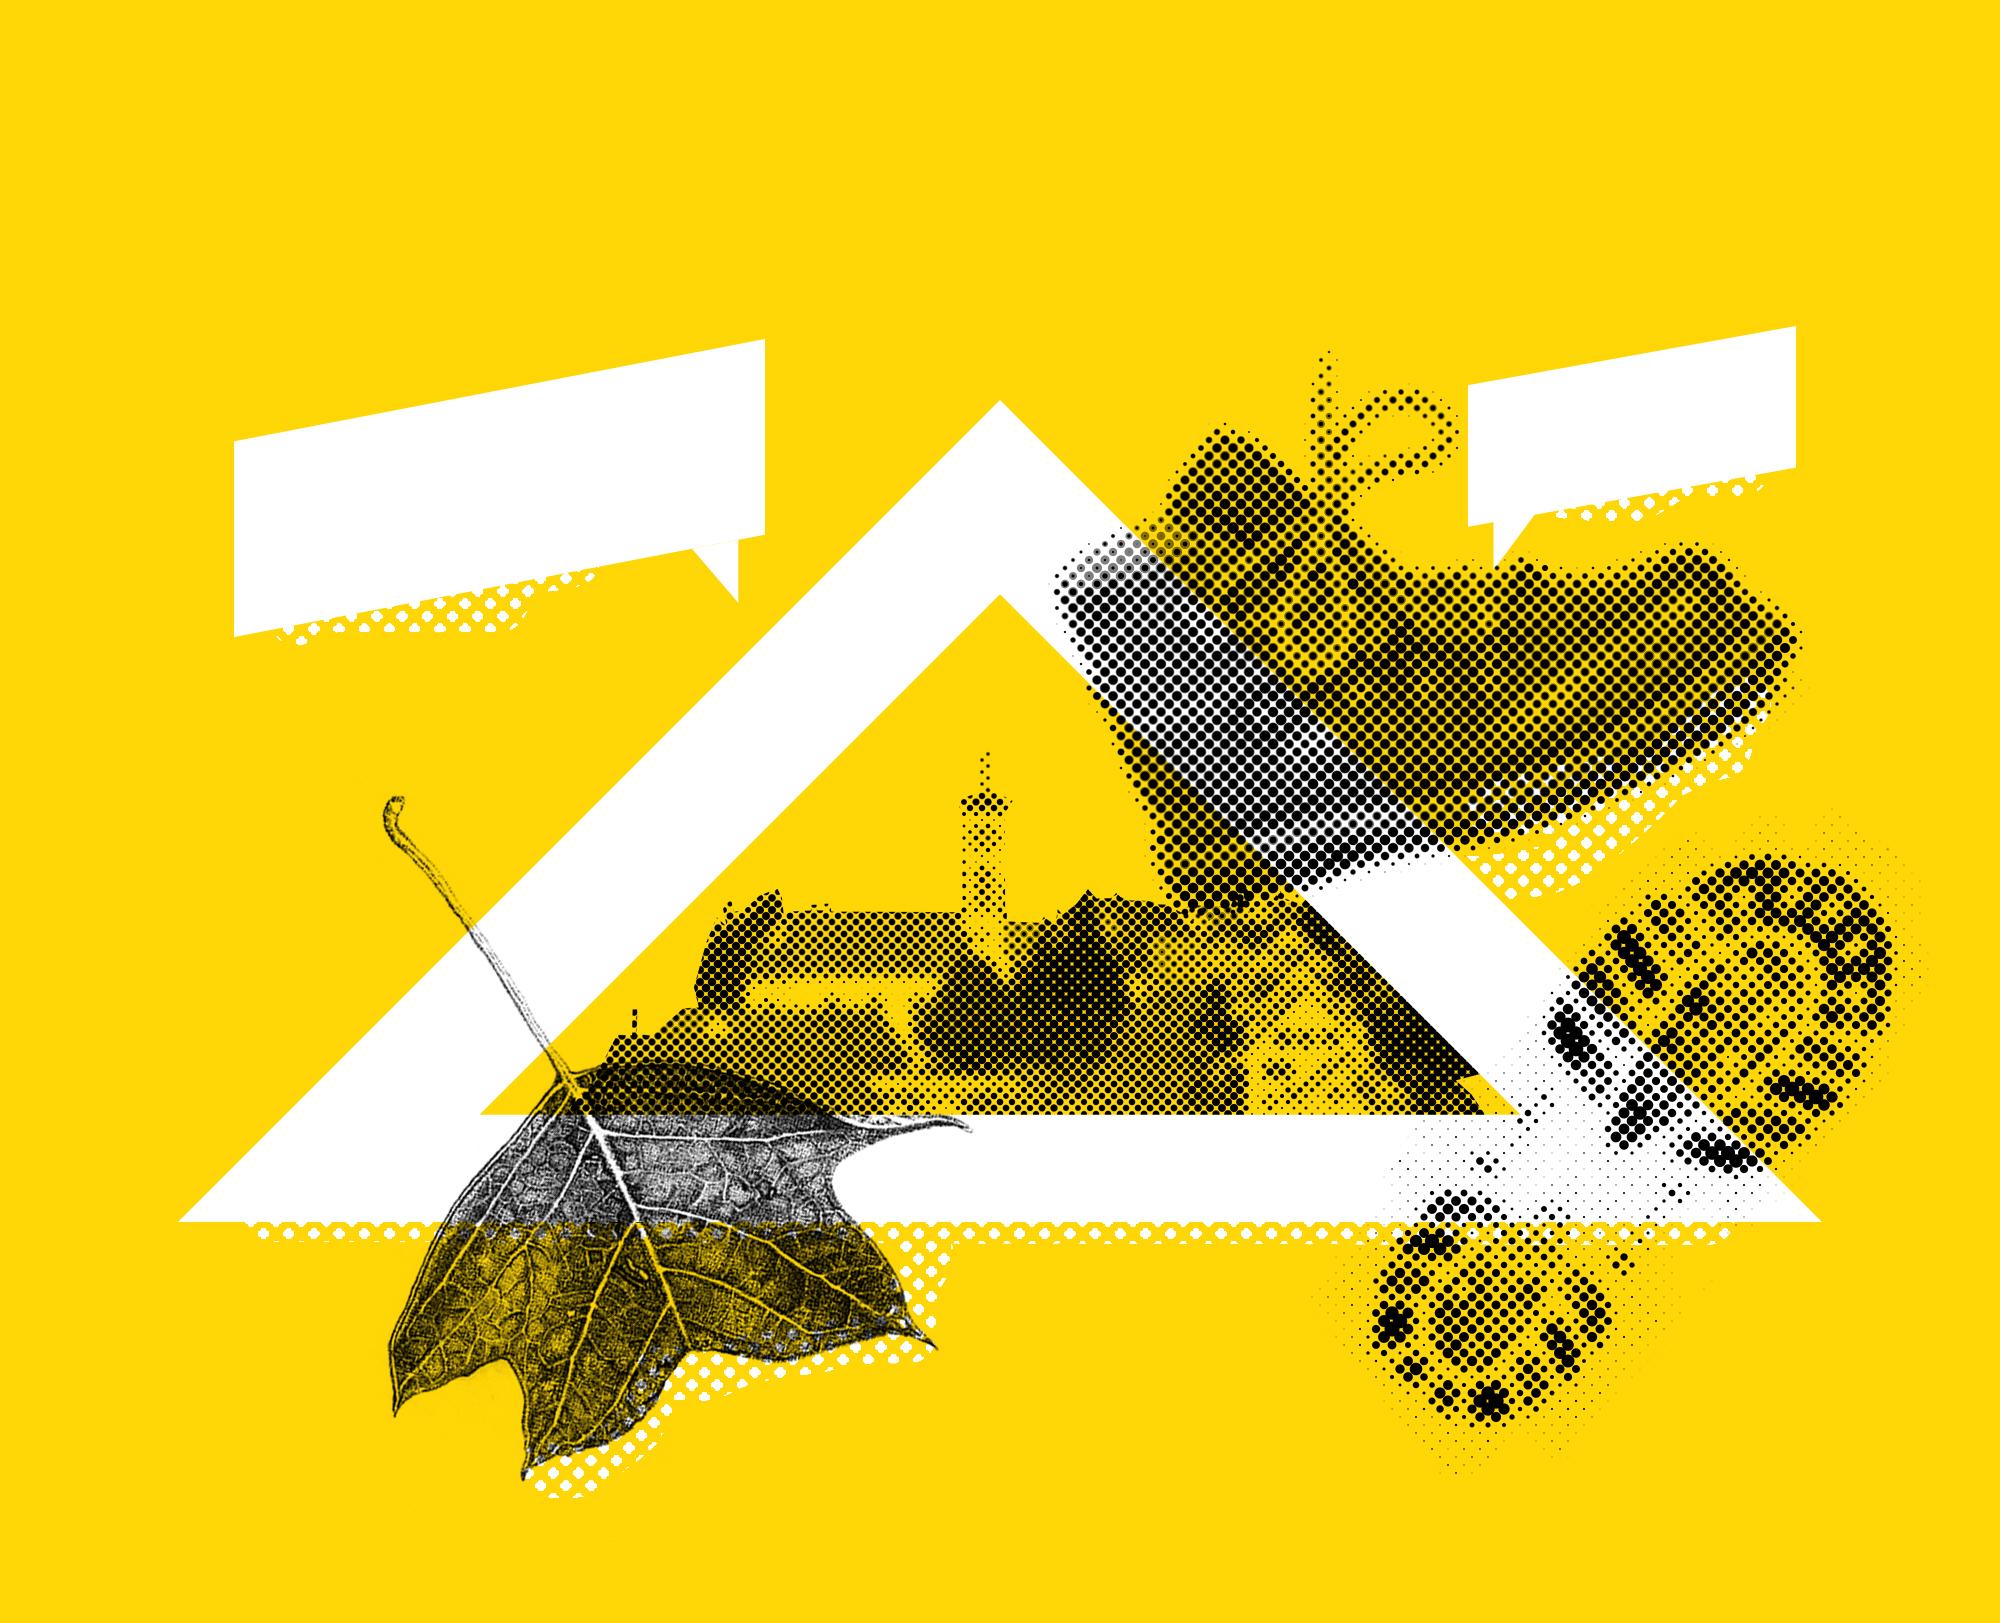 Collagen Illustration mit Hütten, Wanderschuh, Ahornblatt, Schuhabdruck und grafischen Elementen zum Thema Spaziergang